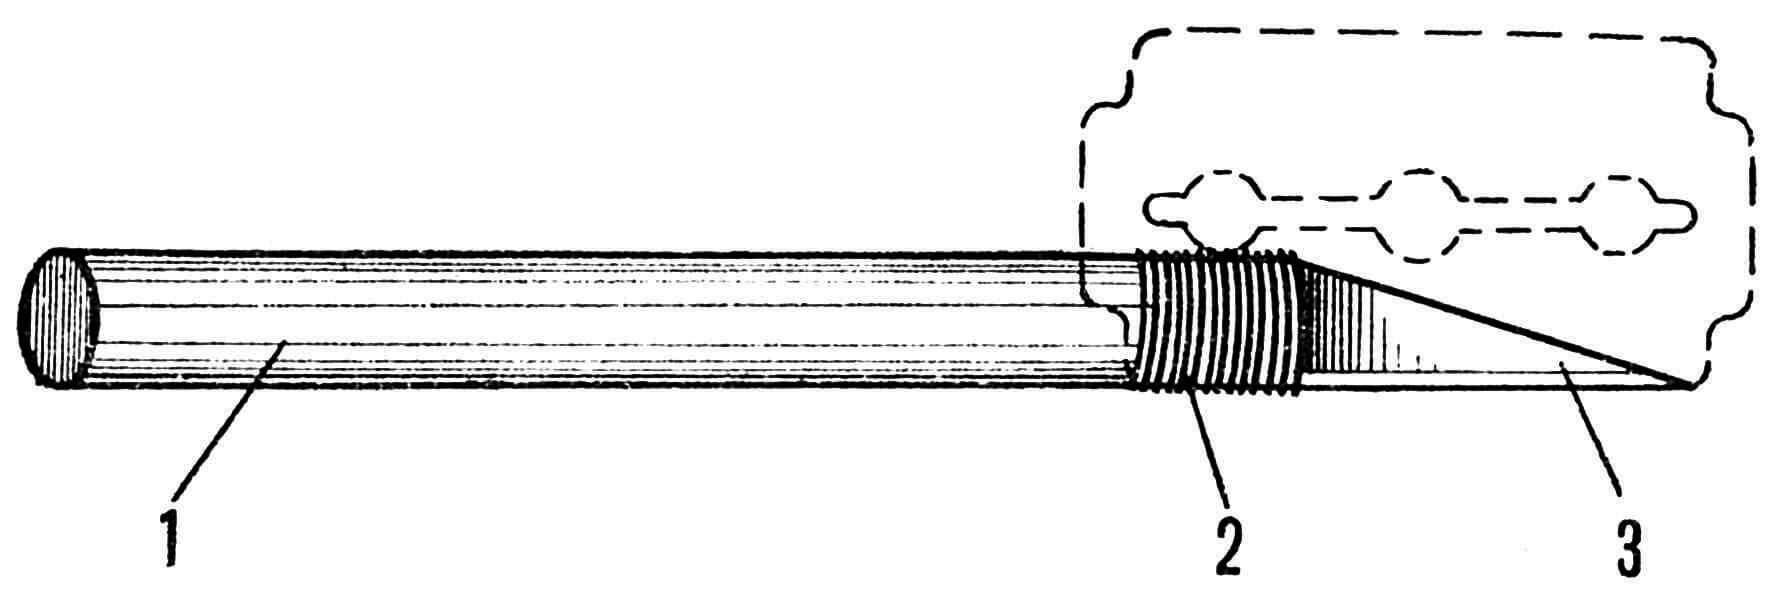 Рис. 2. Нож для изготовления модели: 1 — деревянная ручка; 2 — нитки для крепления лезвия; 3 — лезвие.